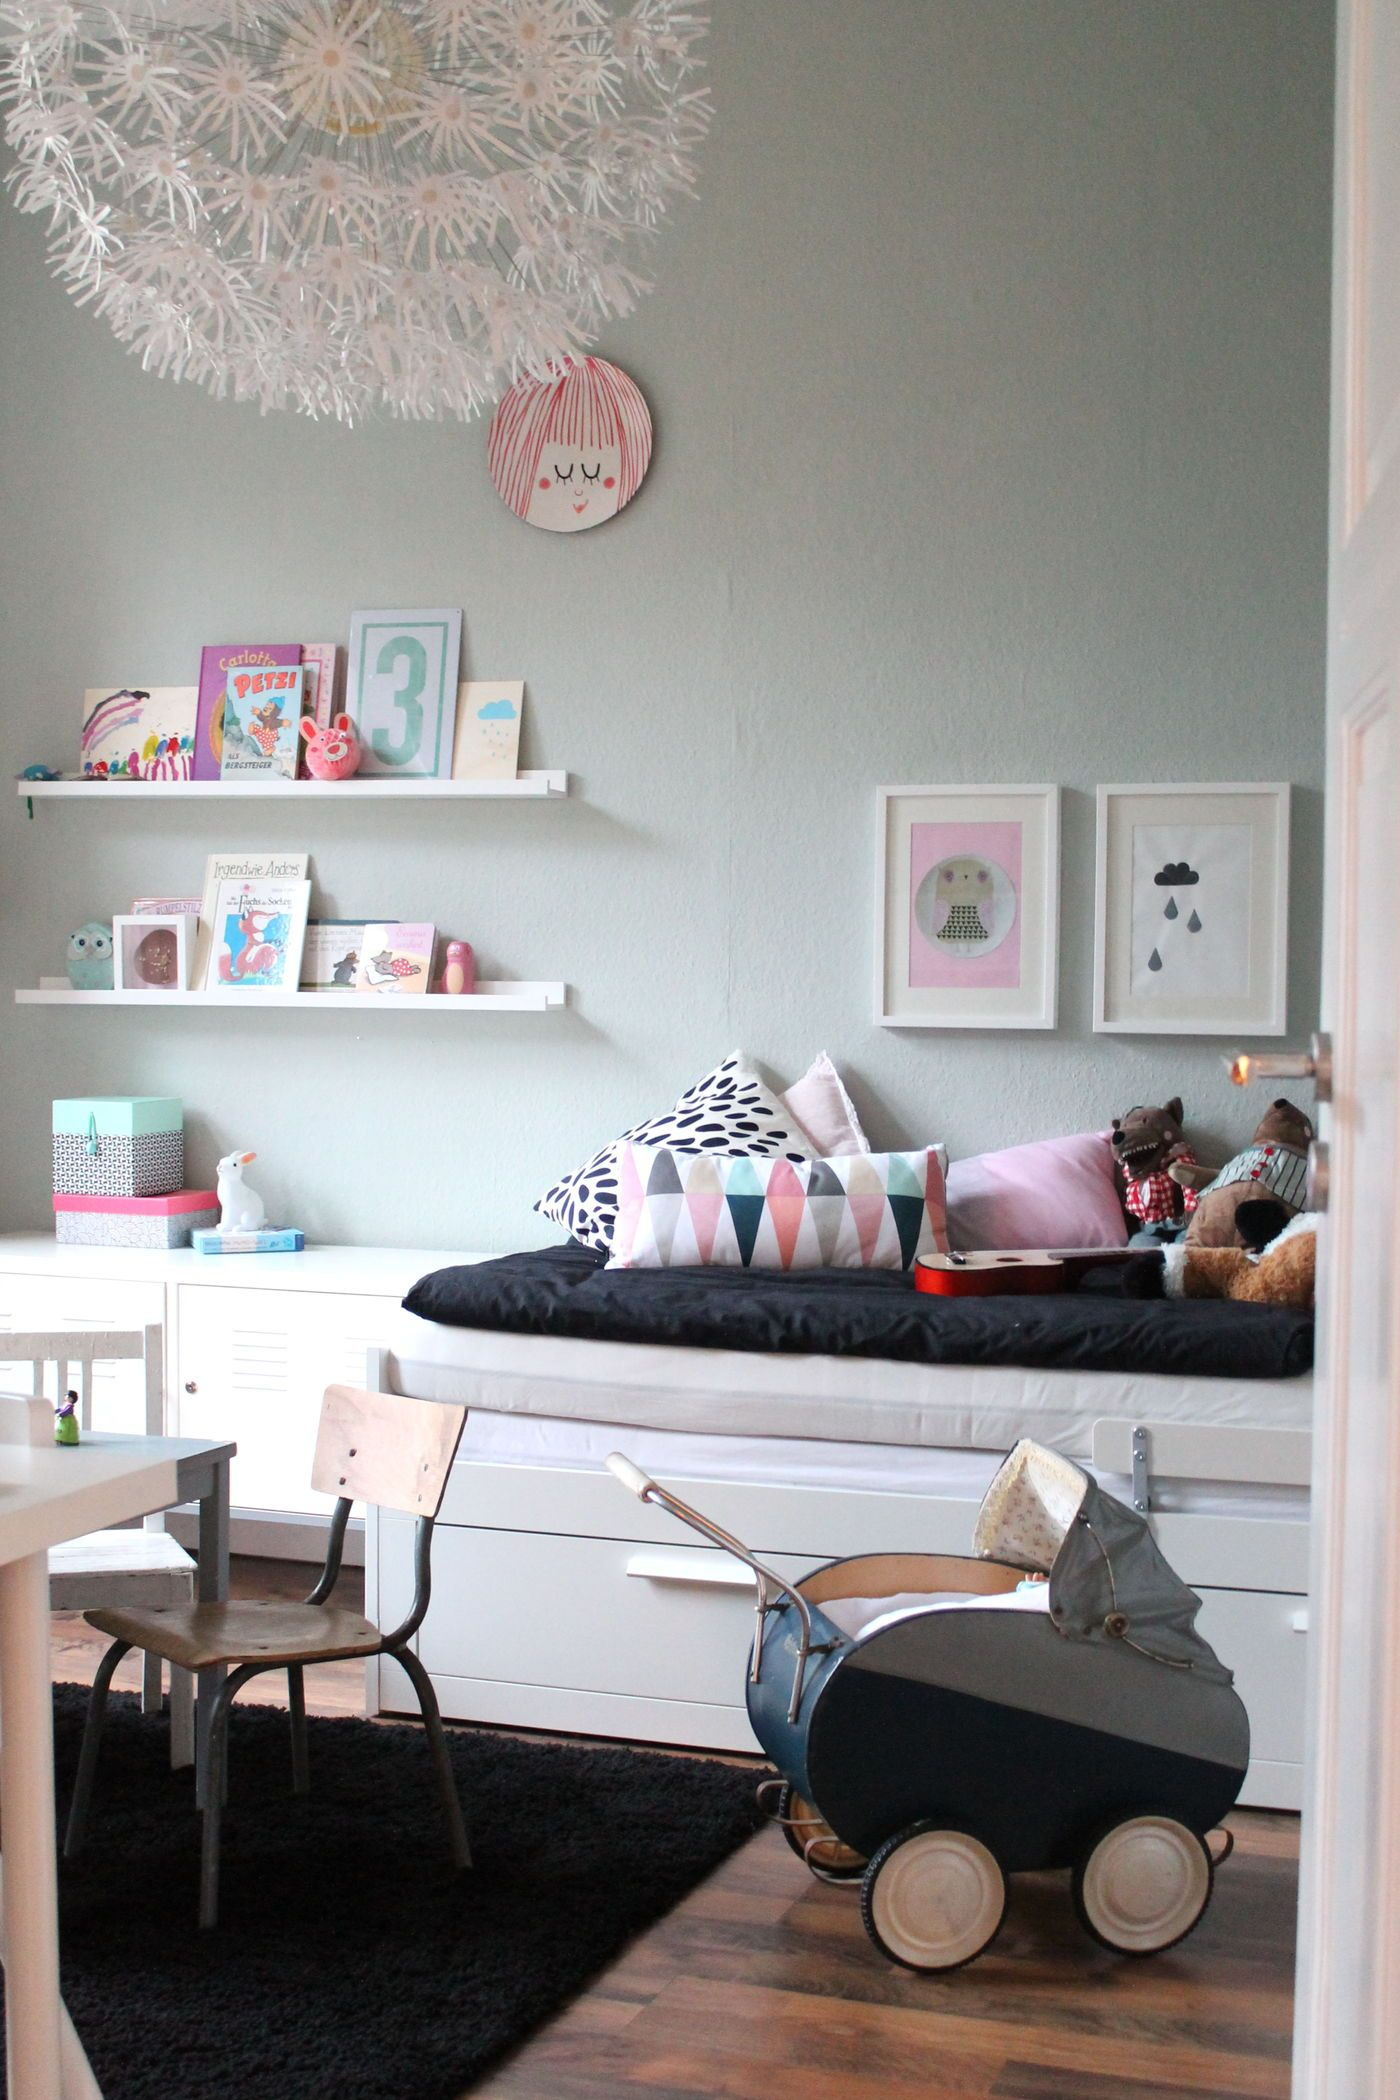 Full Size of Schnsten Ideen Fr Dein Kinderzimmer Regal Regale Sofa Weiß Kinderzimmer Kinderzimmer Einrichtung